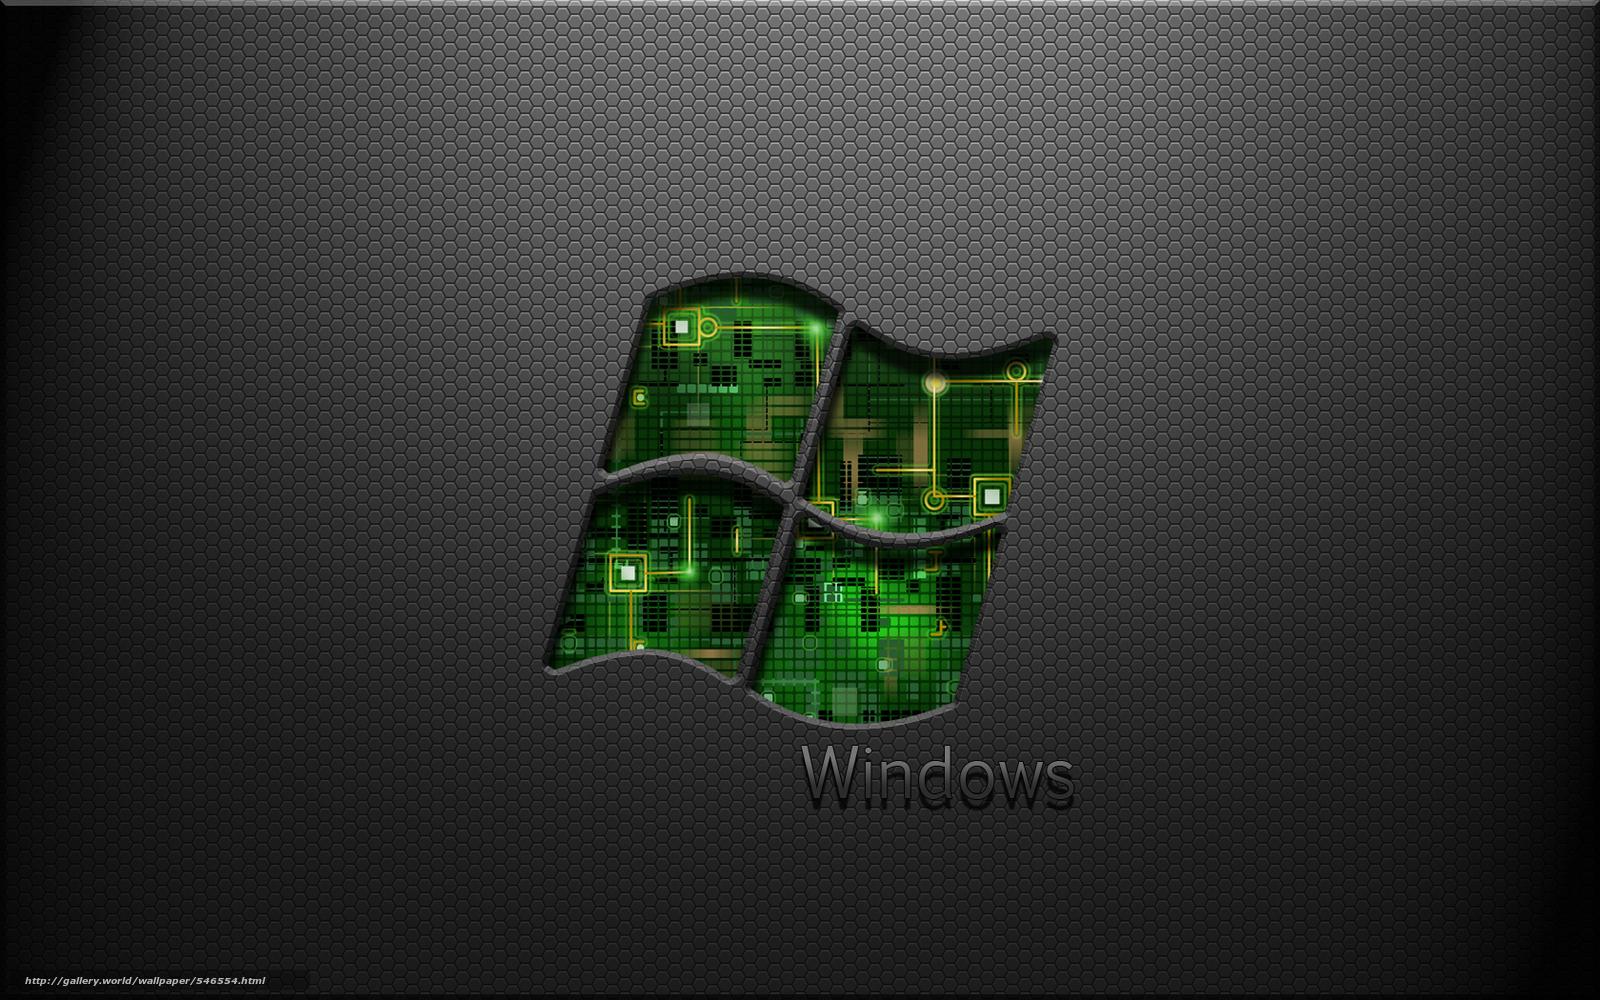 壁紙をダウンロード 壁紙 Windows用の壁紙 3d デスクトップの解像度のための無料壁紙 1680x1050 絵 546554